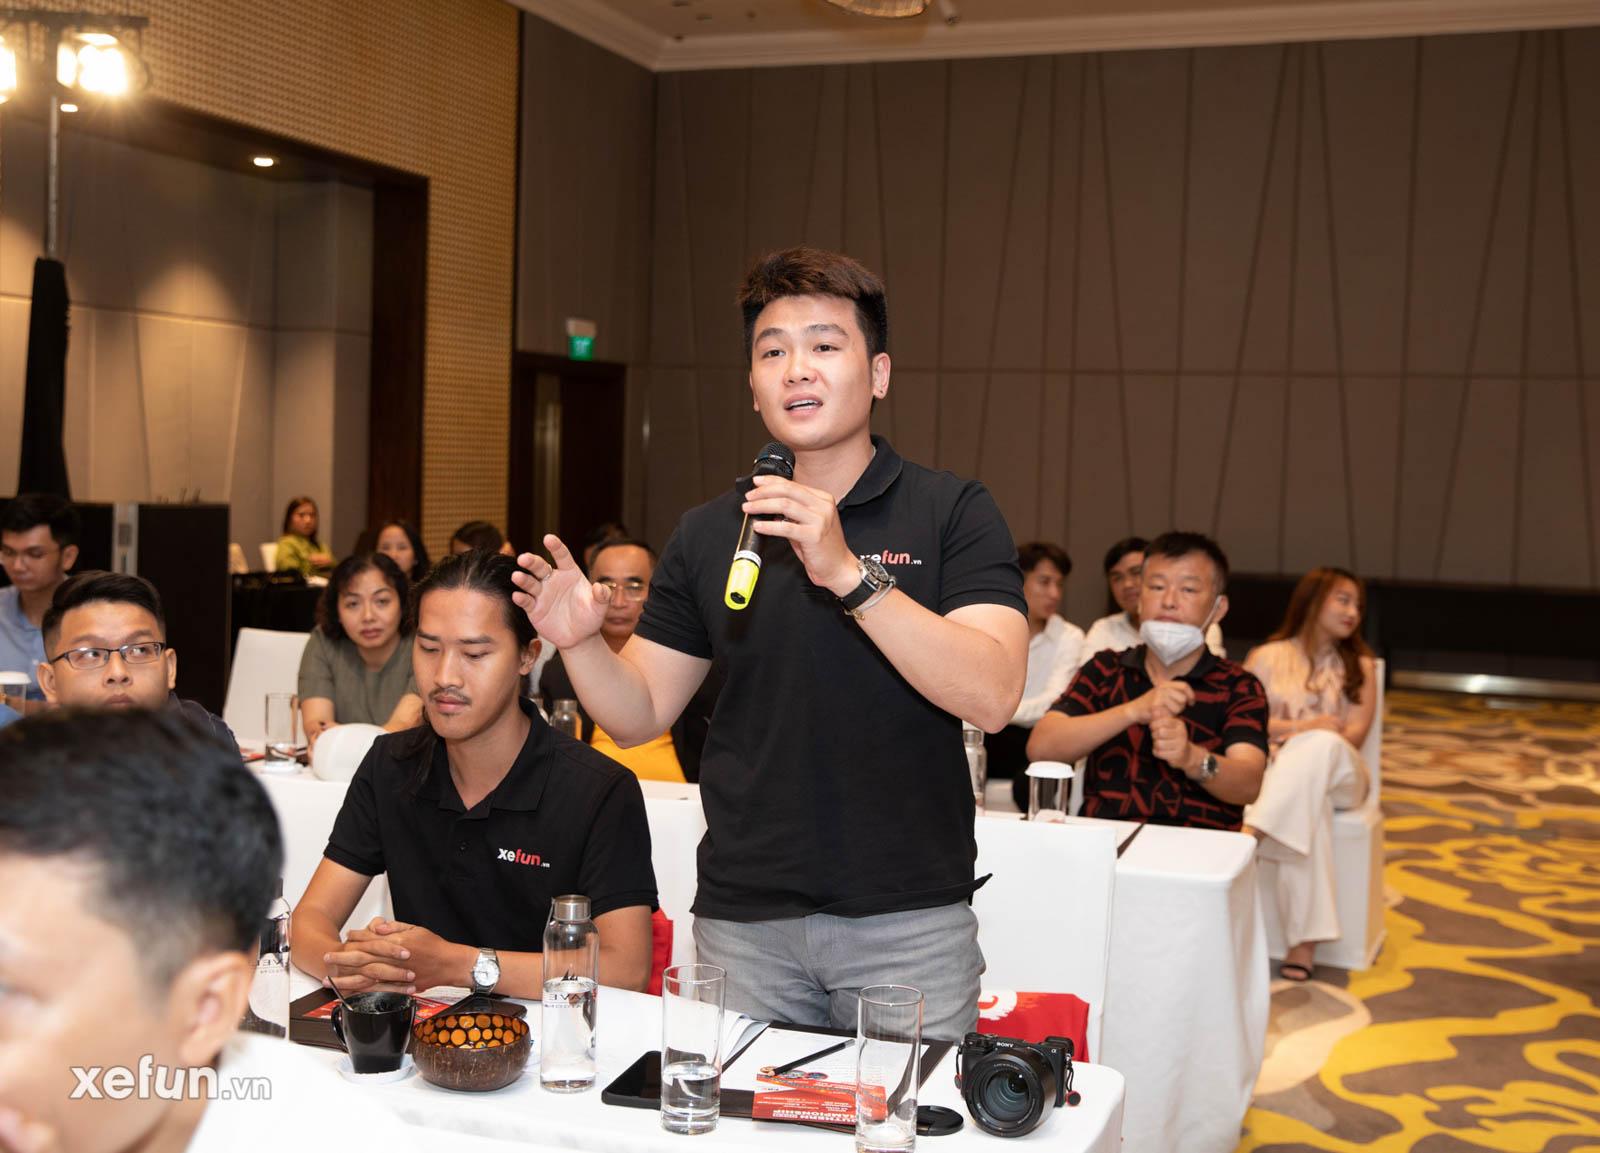 Giải đua Go Kart Southern Open Championship Formula Racing Vietnam trên Xefun (1)5776876